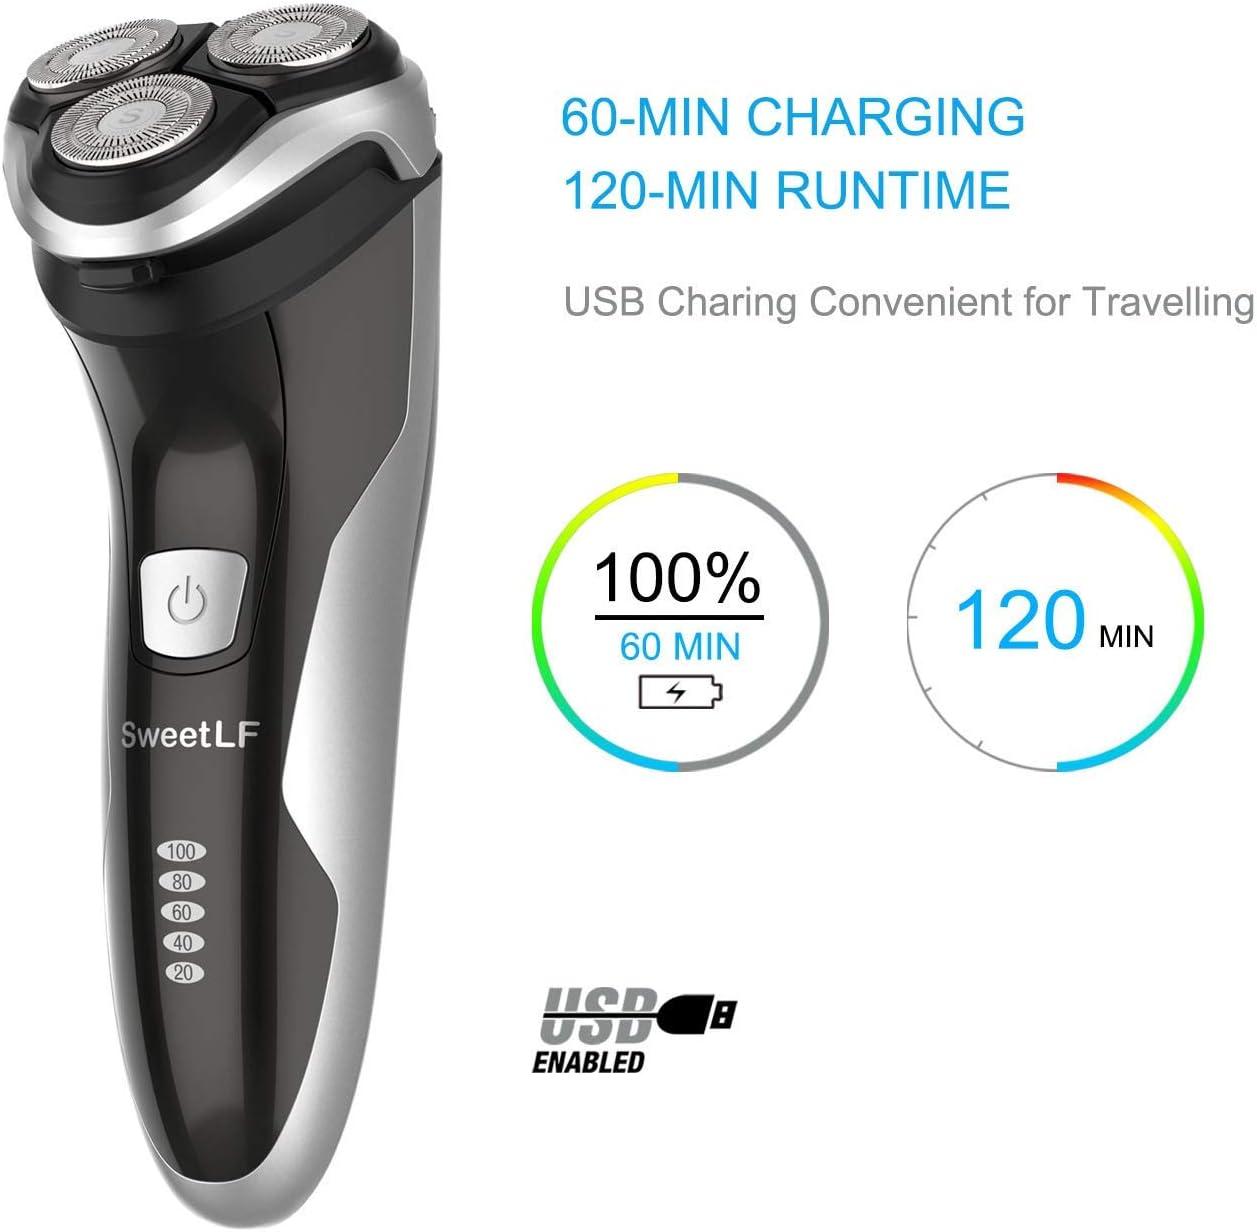 SweetLF - Afeitadora eléctrica para hombre, recargable, IPX7, impermeable, tecnología Wet&Dry con cabezal giratorio 3D y pantalla LCD, color negro: Amazon.es: Salud y cuidado personal